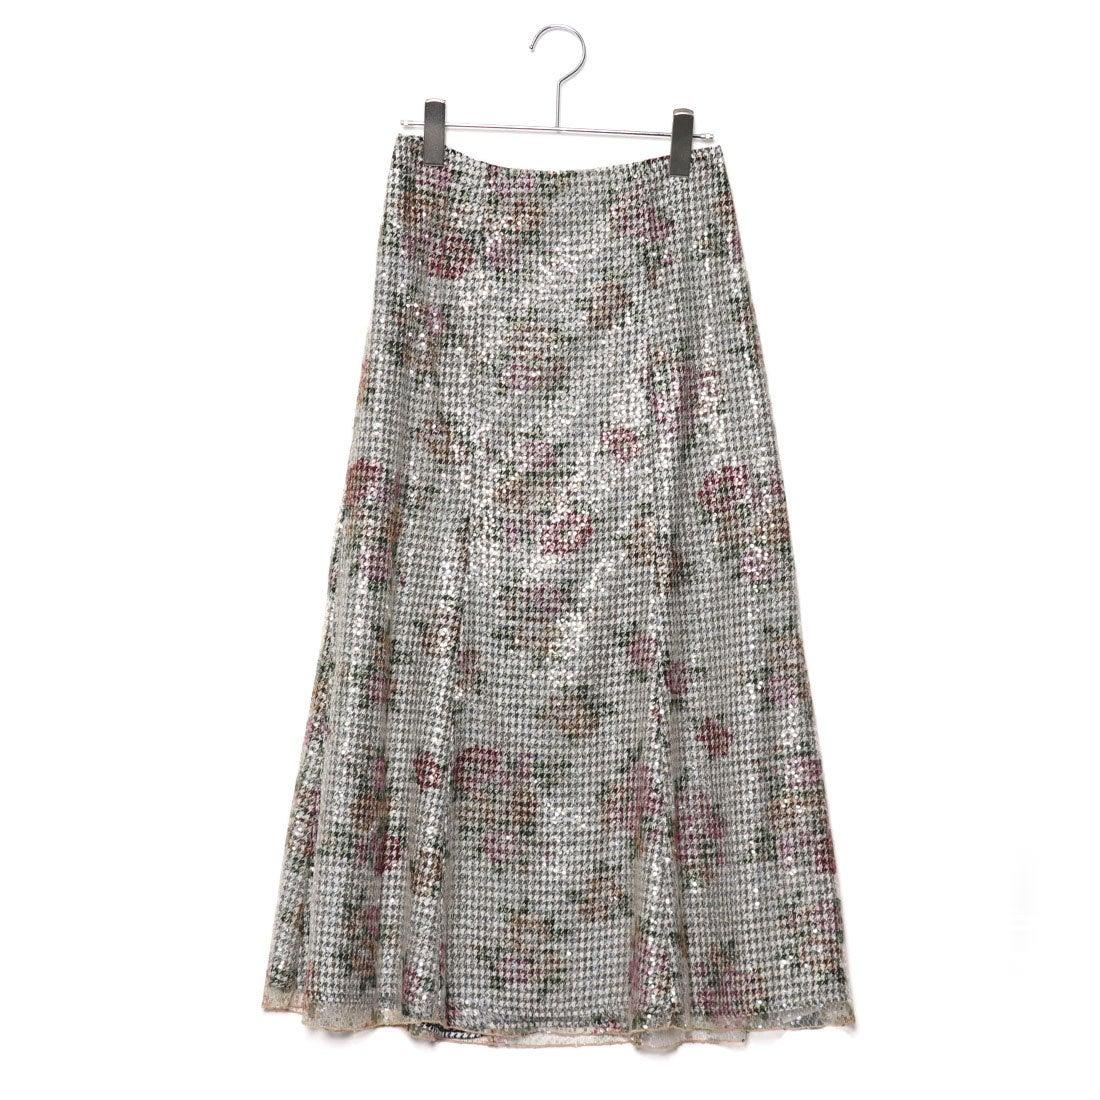 ed0deb5377dc5 リリーブラウン Lily Brown スパンコールマーメイドスカート (オフホワイト) -靴&ファッション通販 ロコンド〜自宅で試着、気軽に返品